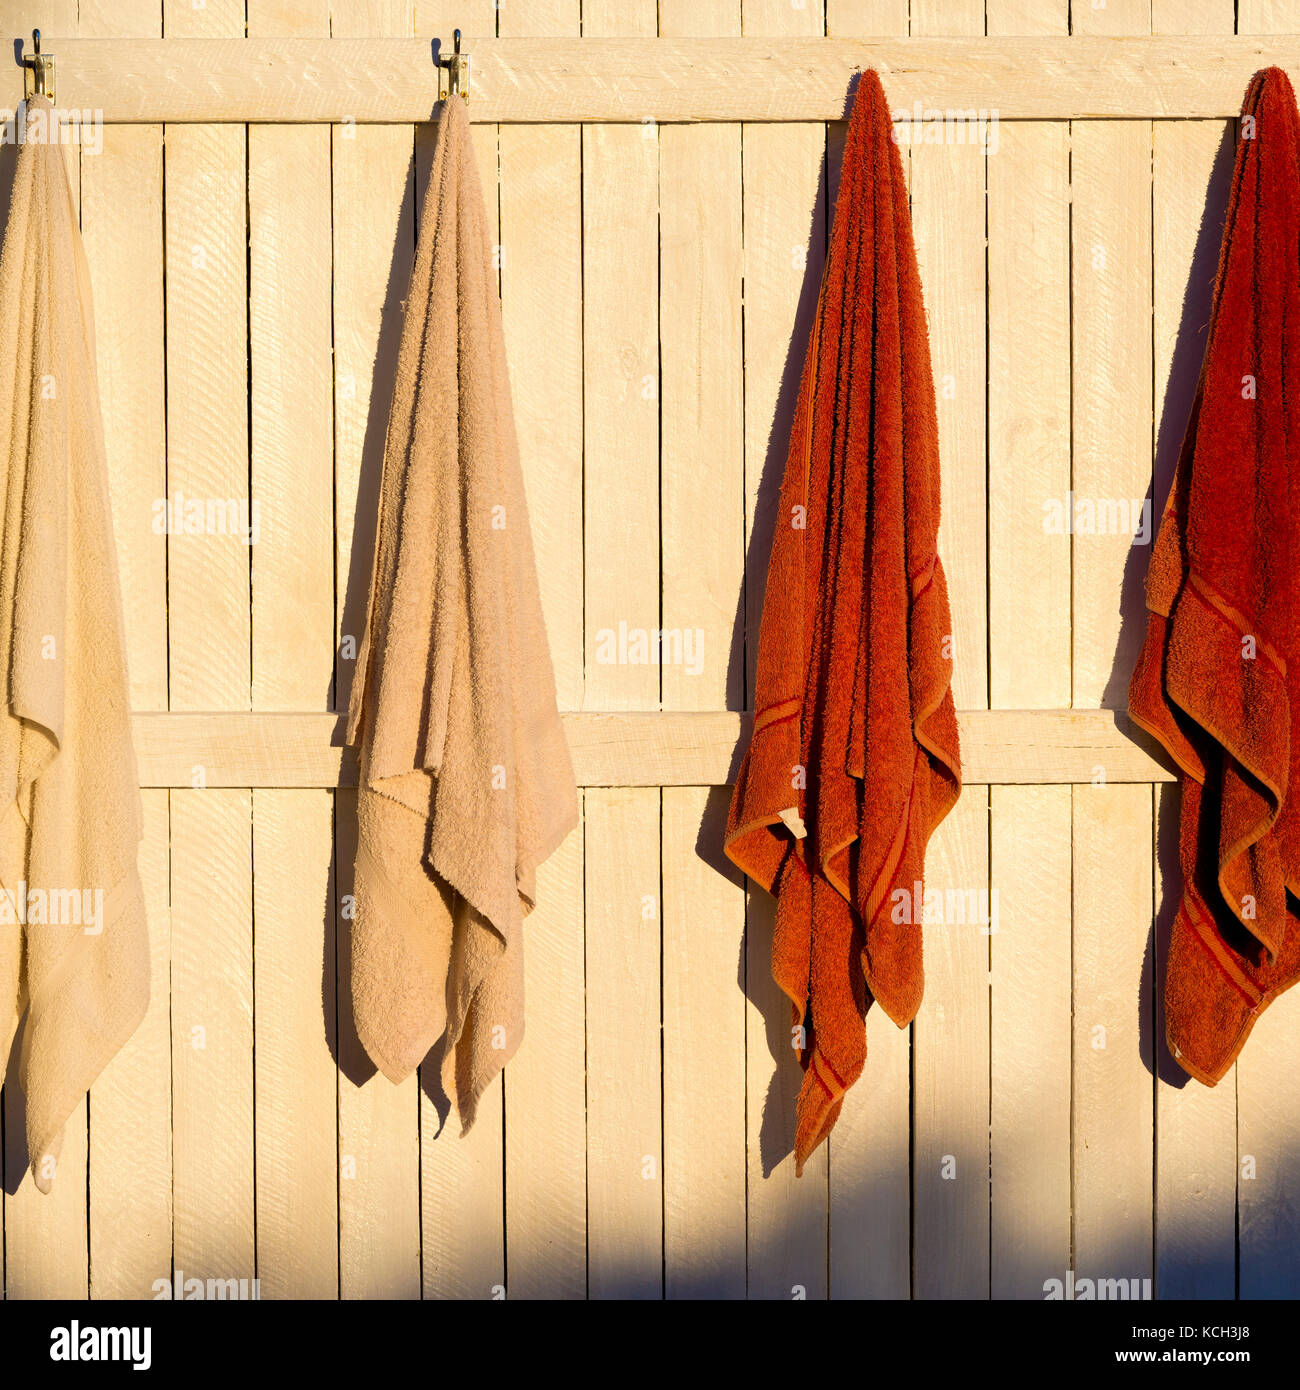 Sun Wall Hanging Stock Photos & Sun Wall Hanging Stock Images - Alamy